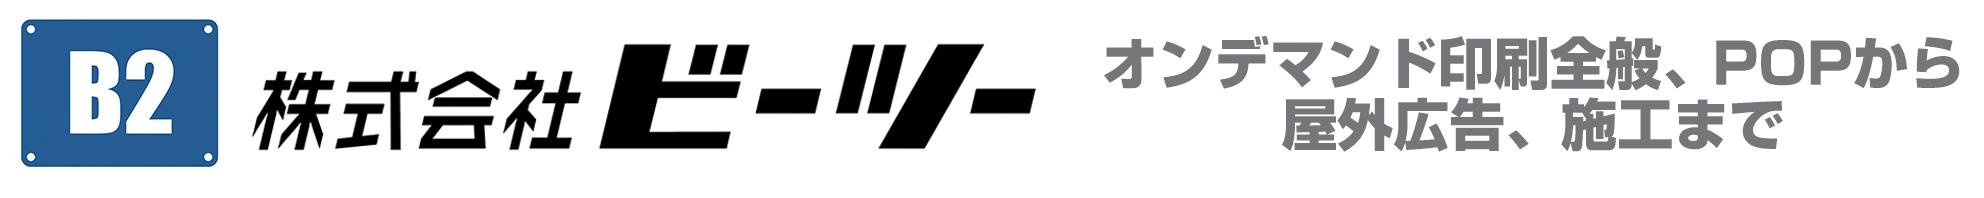 B2 株式会社ビーツー